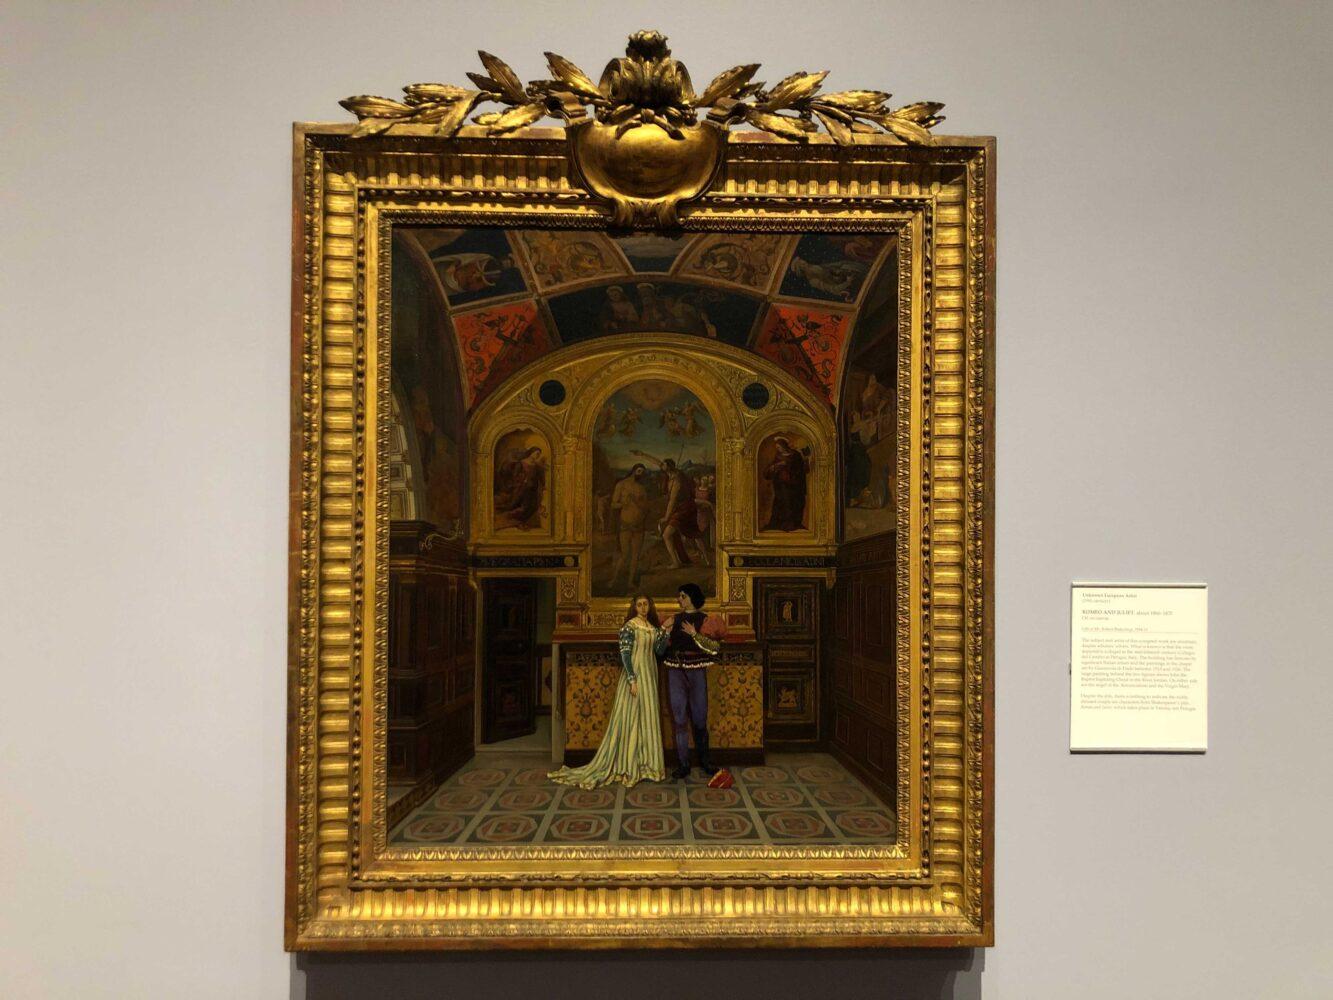 Art piece at Dayton Art Institute